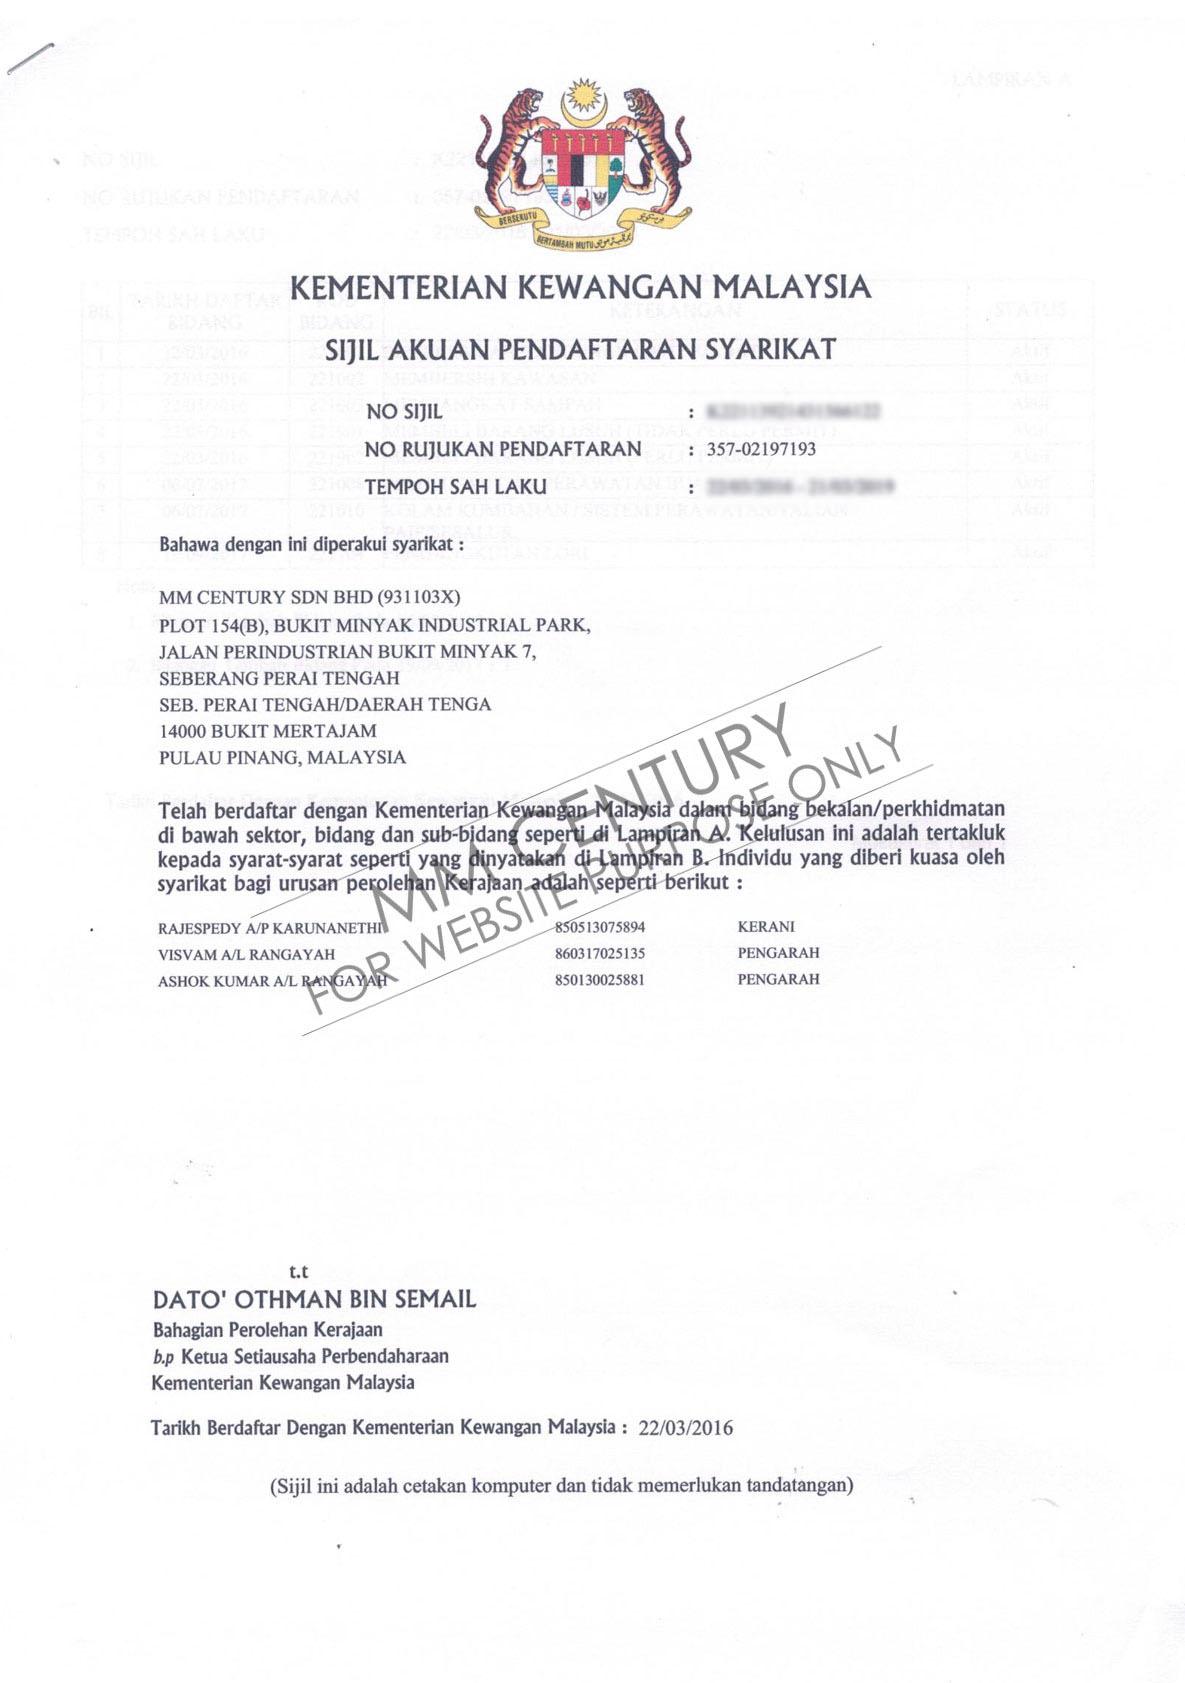 MM Century- Kementerian Kewangan Malaysia